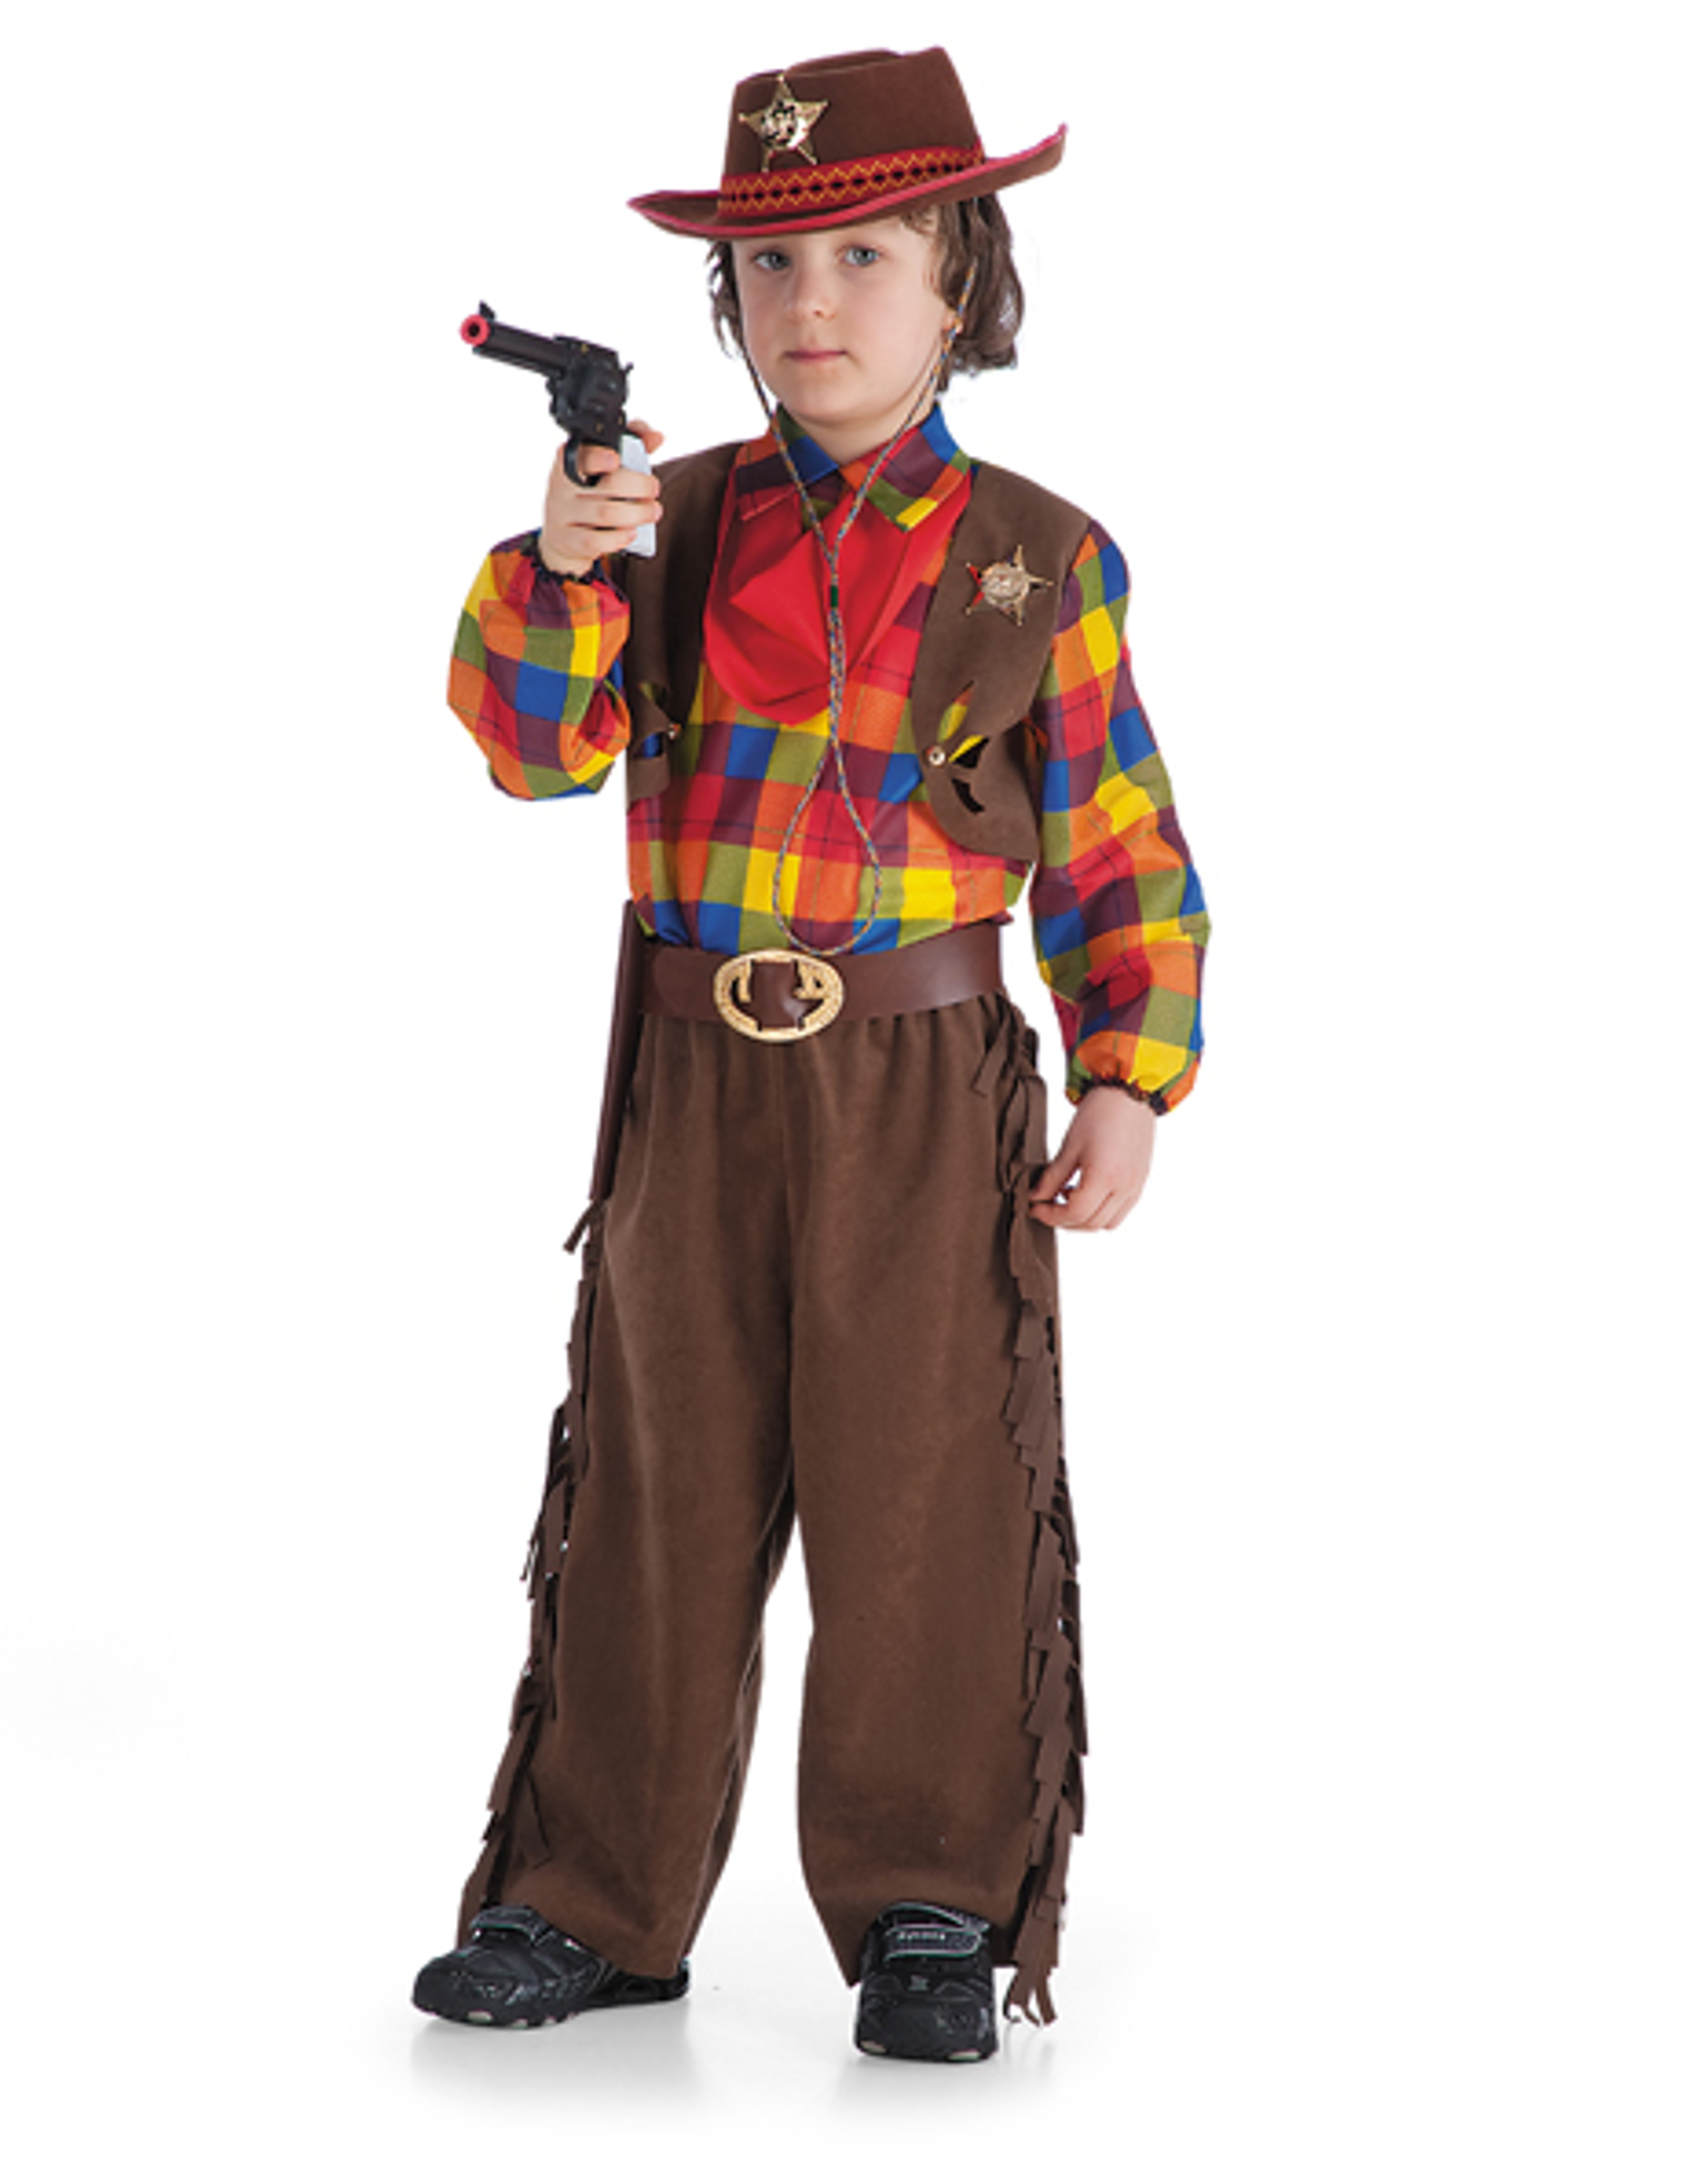 8577af4c29b0 Costume sceriffo bambino: Costumi bambini,e vestiti di carnevale online -  Vegaoo